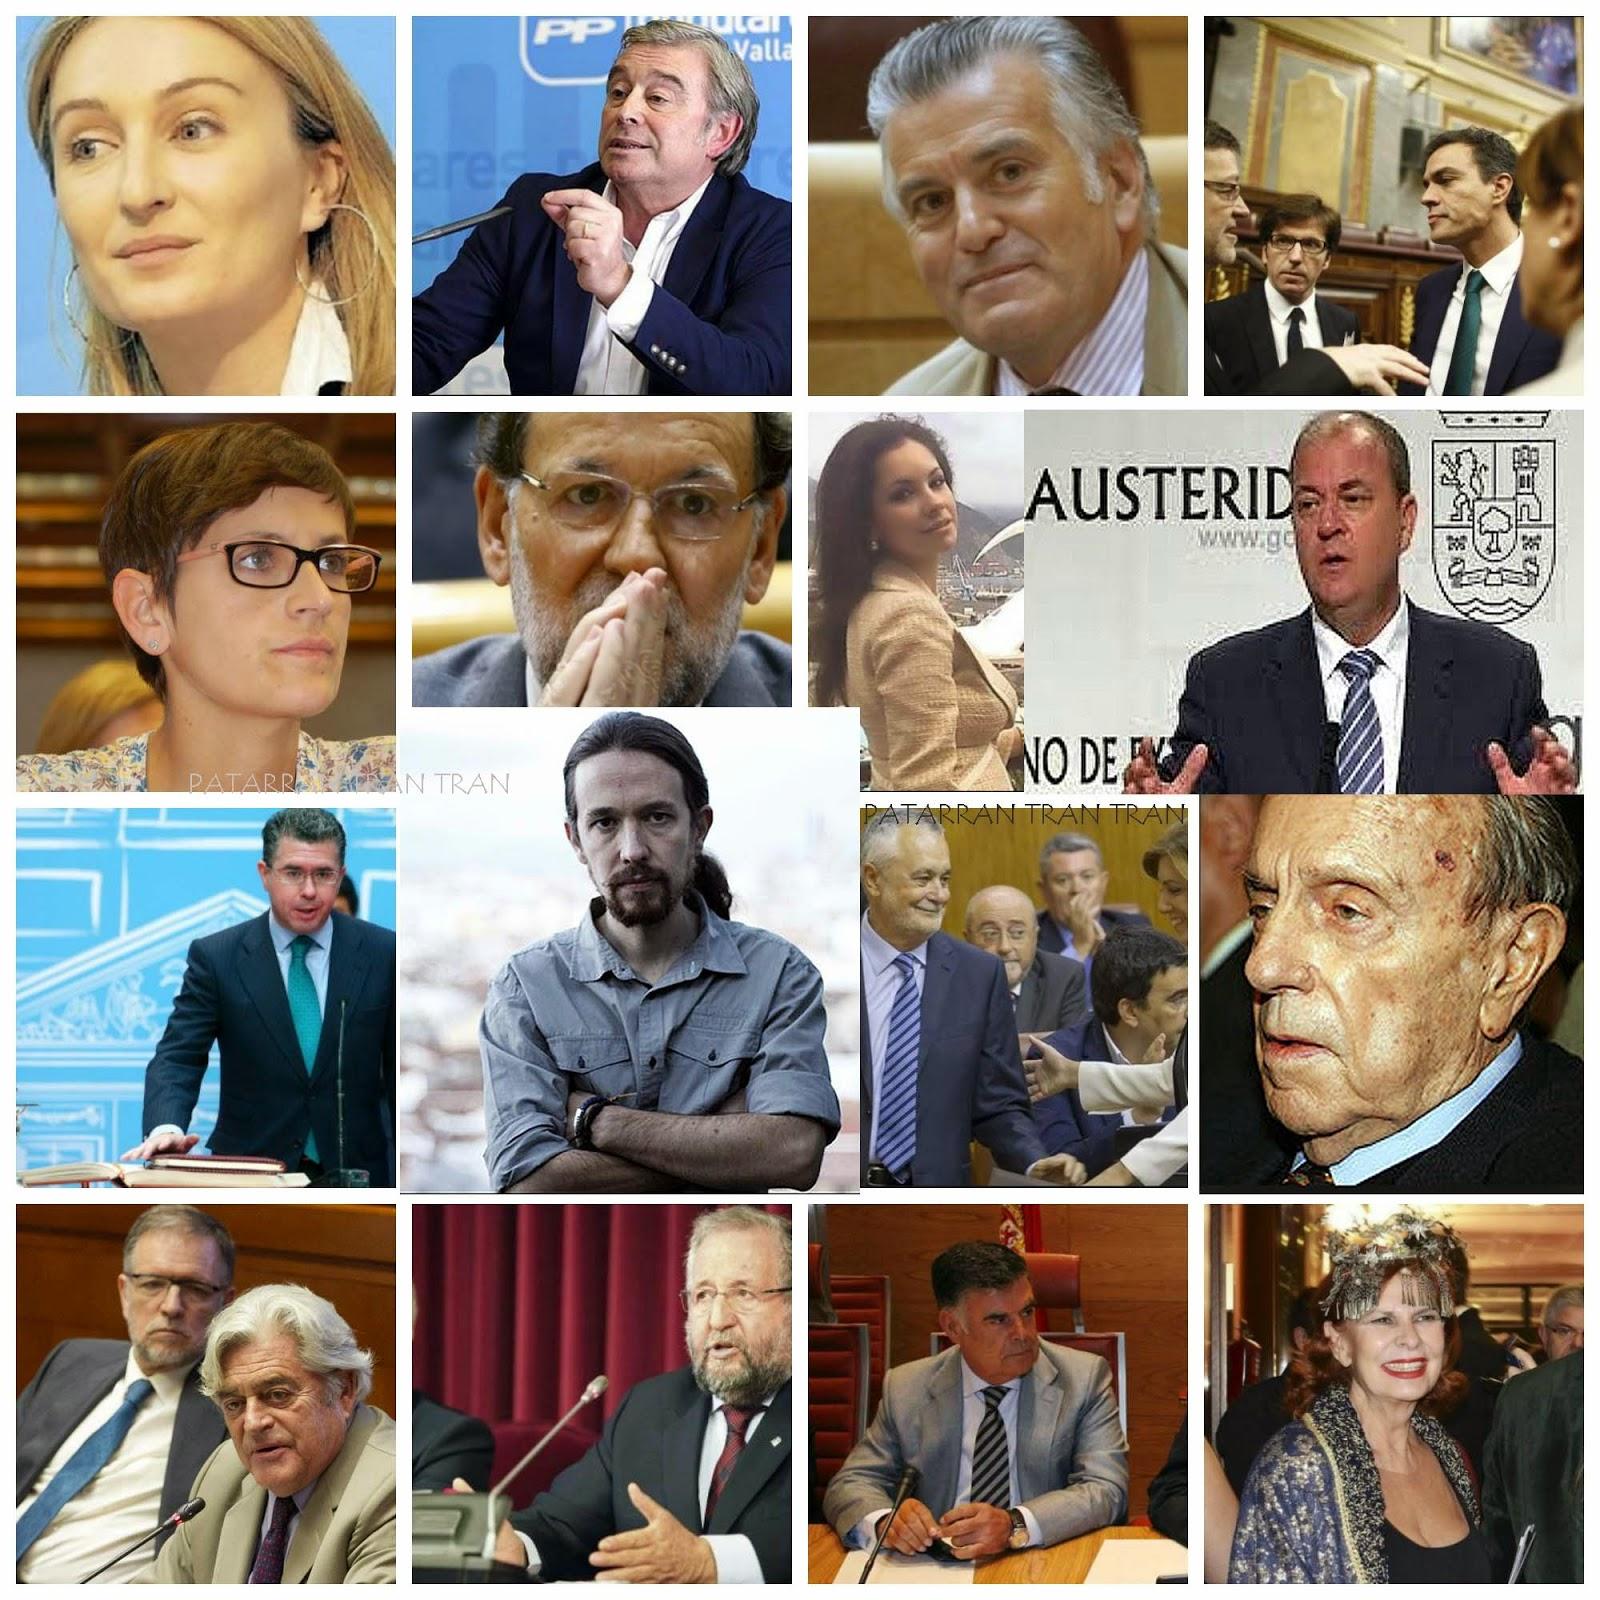 Pablo Iglesias, Morago, Olga María Henao, El senado